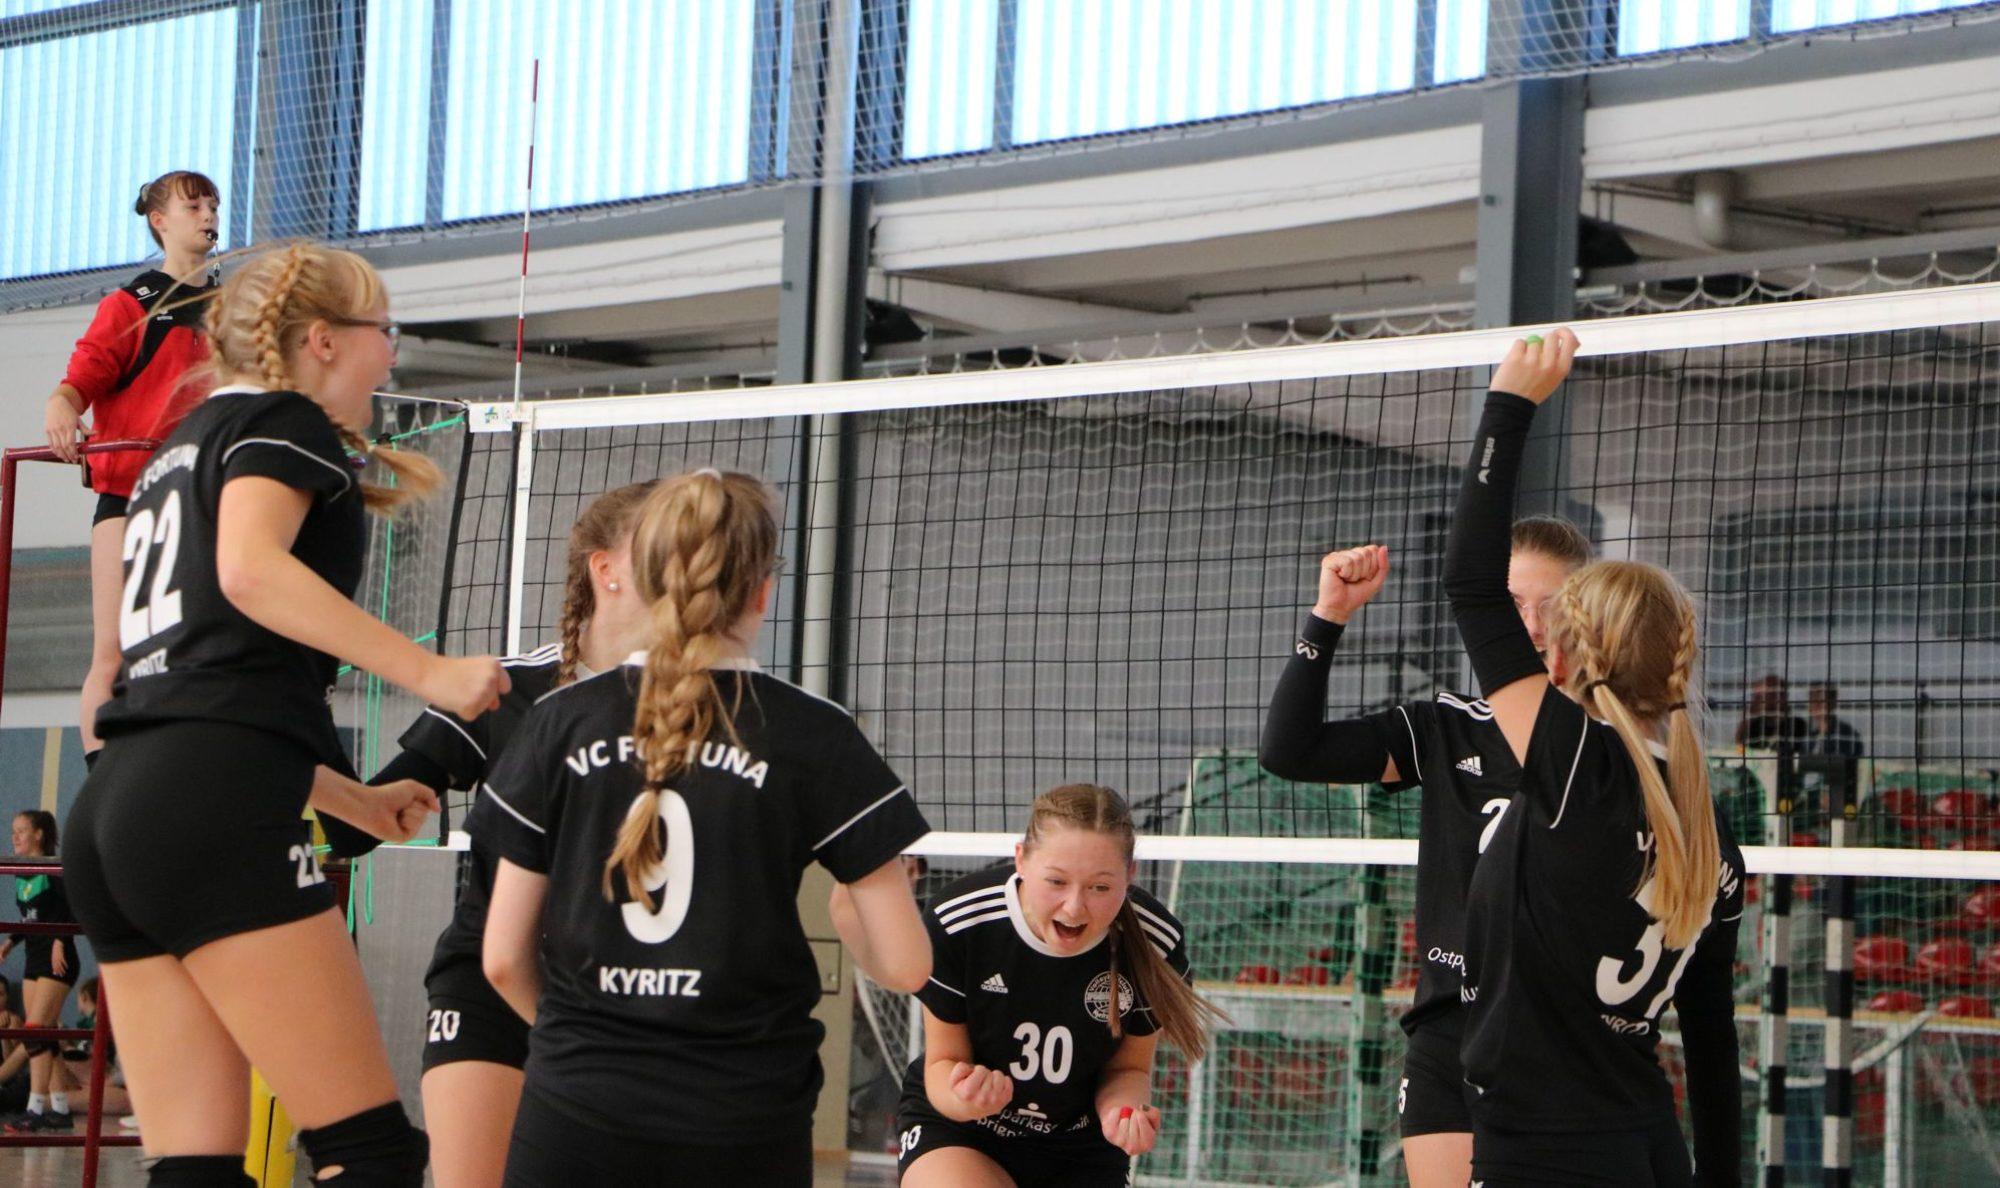 Volleyballclub Fortuna Kyritz